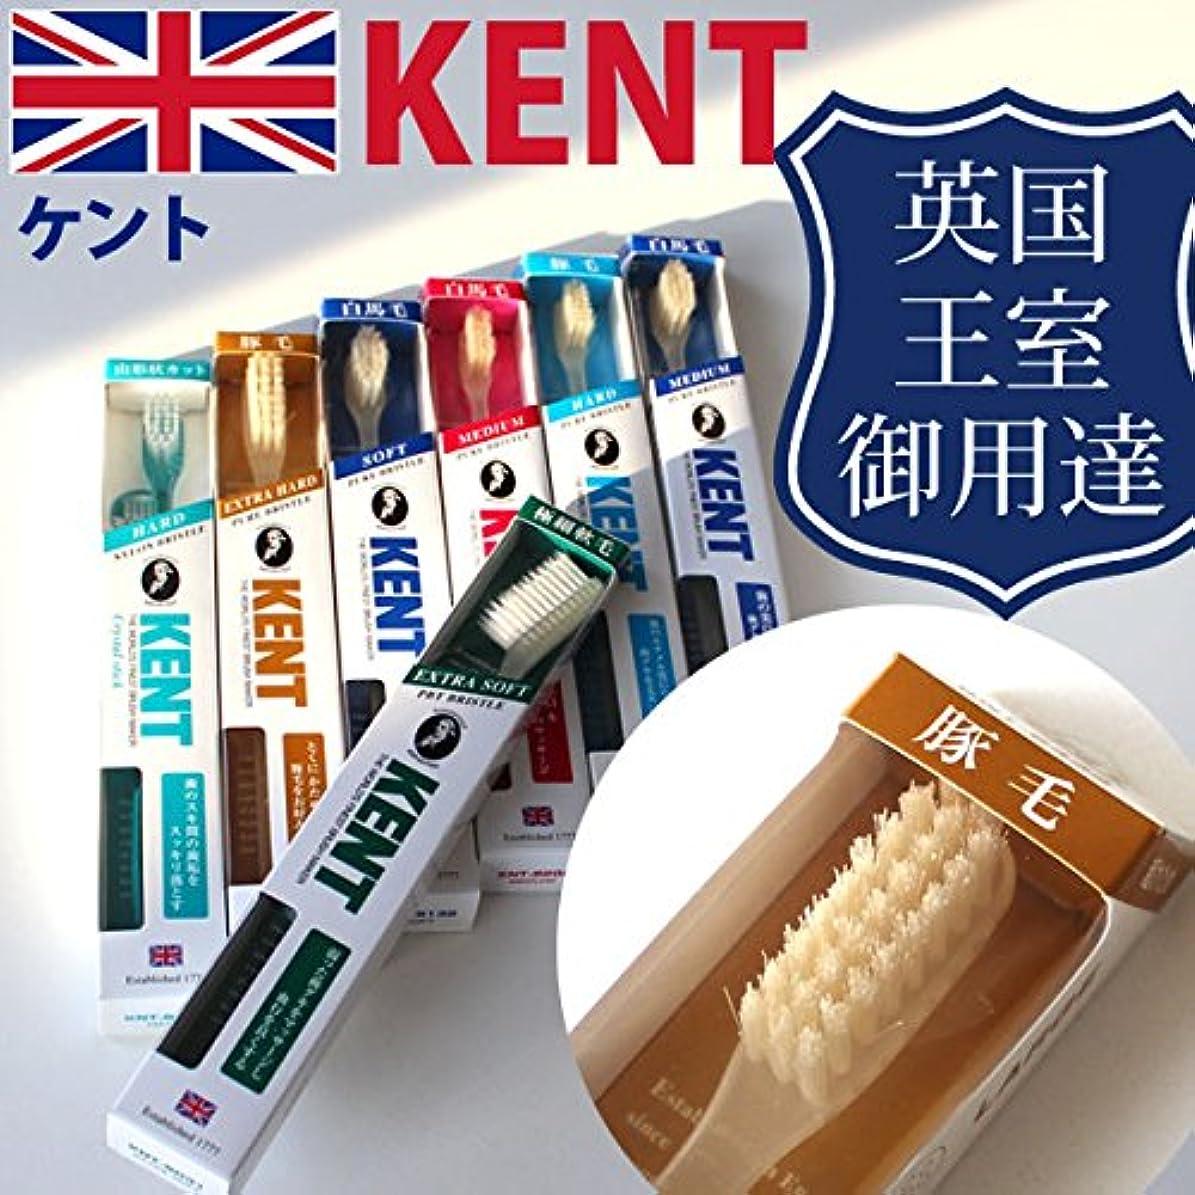 基礎メジャー会計ケント KENT 豚毛 ラージヘッド 歯ブラシKNT-9433 超かため 6本入り しっかり磨ける天然毛のラジヘ